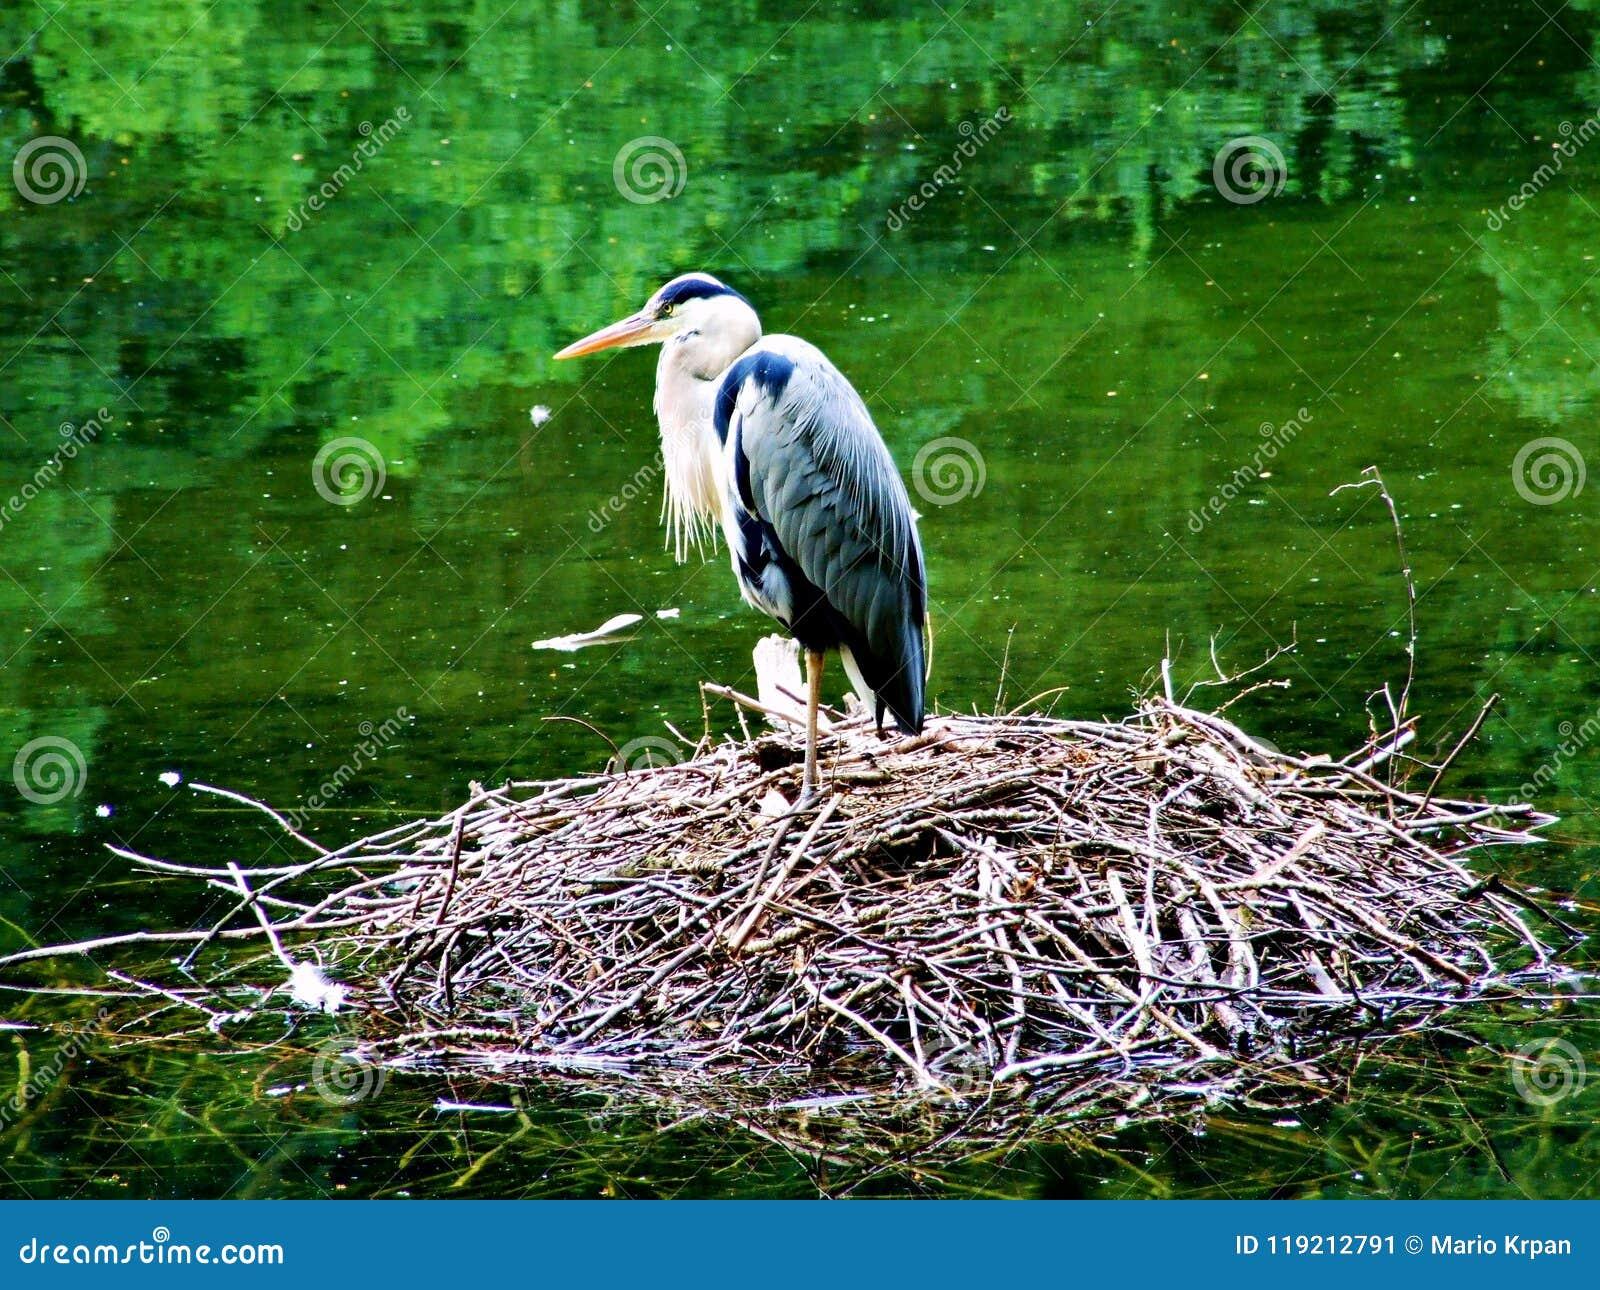 Vogel, Storch, Reiher, Natur, Tier, Weiß, Nest, Vögel, wild lebende Tiere, Wasser, Reiher, Schnabel, wild, Störche, Feder, Grün,